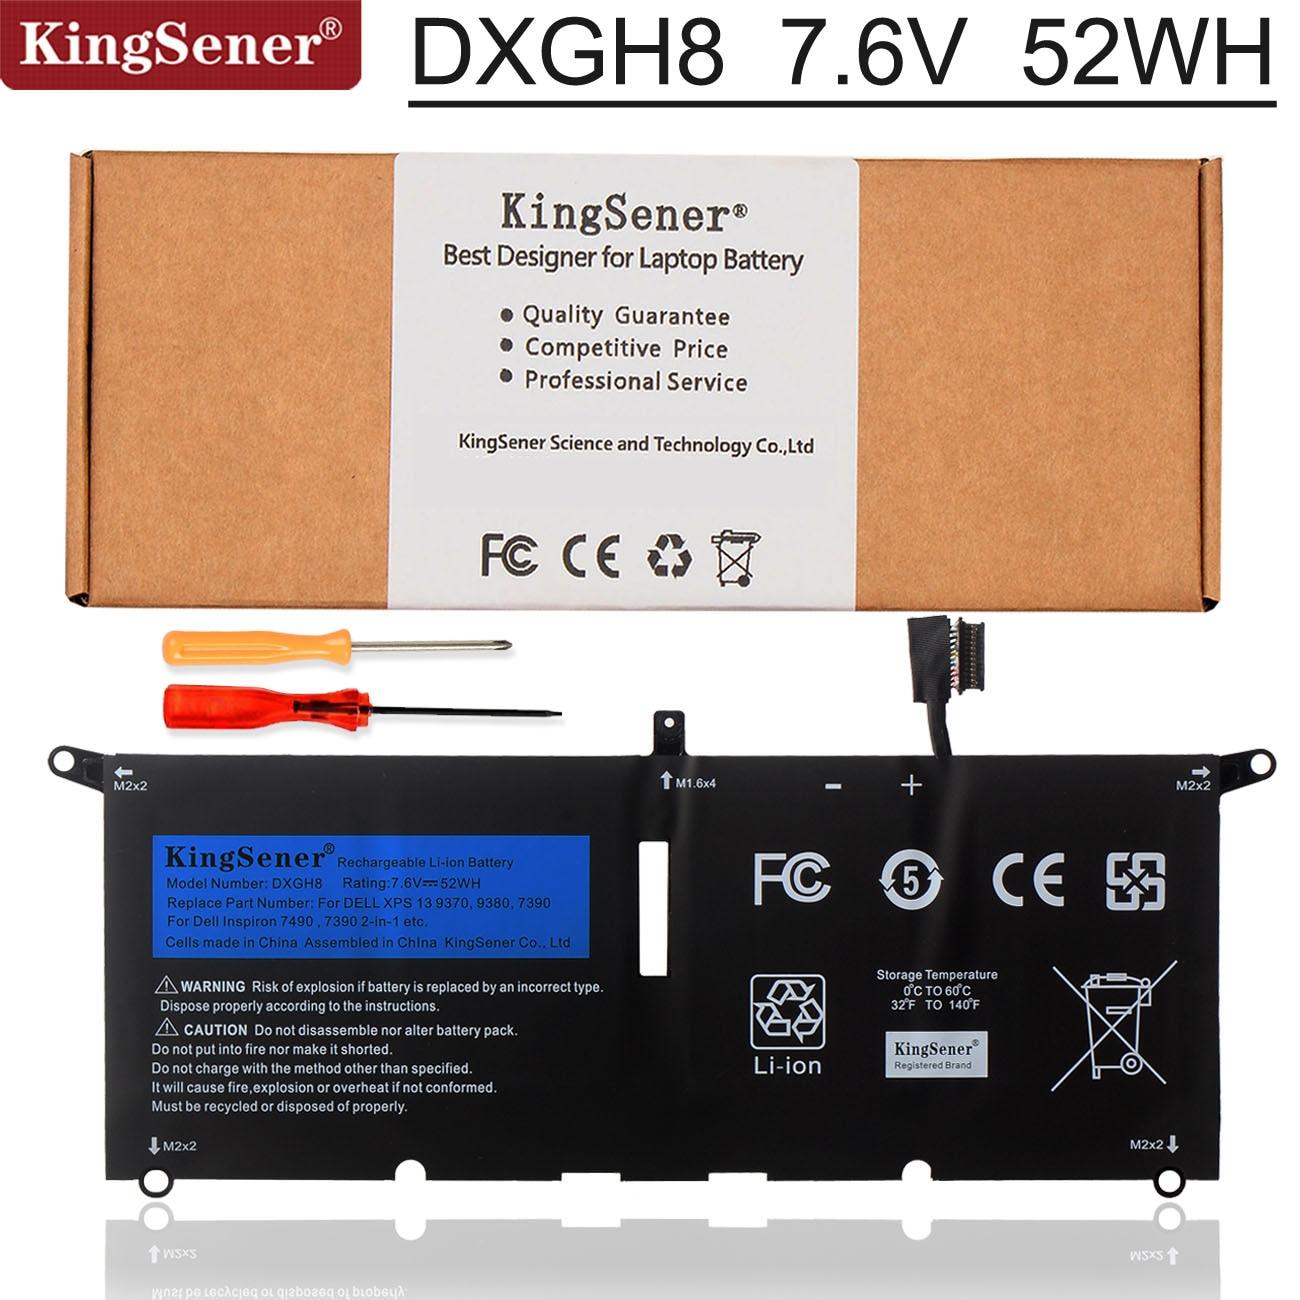 Kingsener DXGH8 Laptop Battery For Dell XPS 13 9380 9370 7390 For Dell Inspiron 7390 2-in-1 7490 G8V